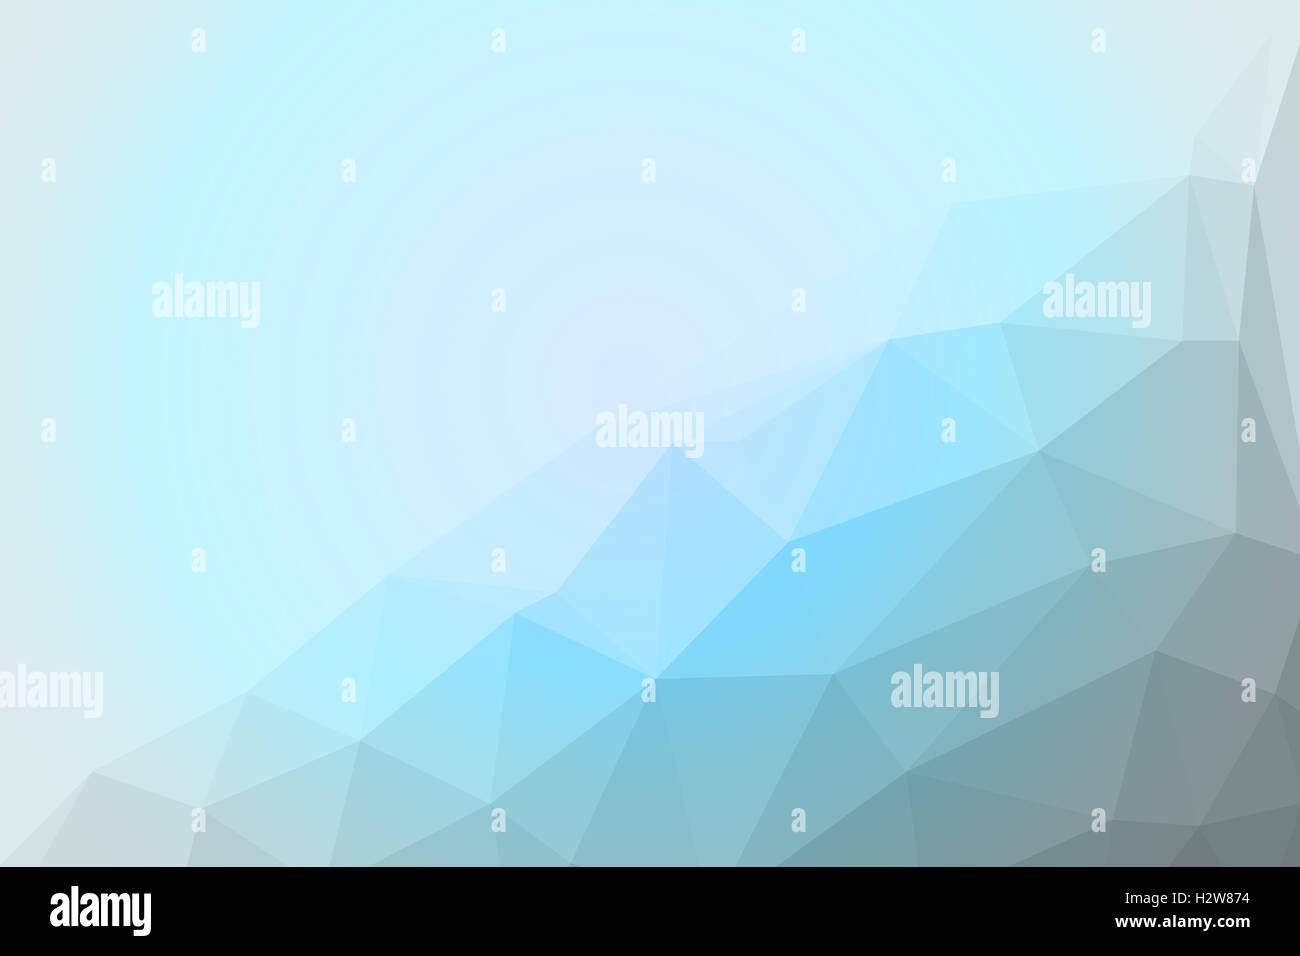 blau, grau und weiß Polygon für Hintergrund-Design Stockfoto, Bild ...